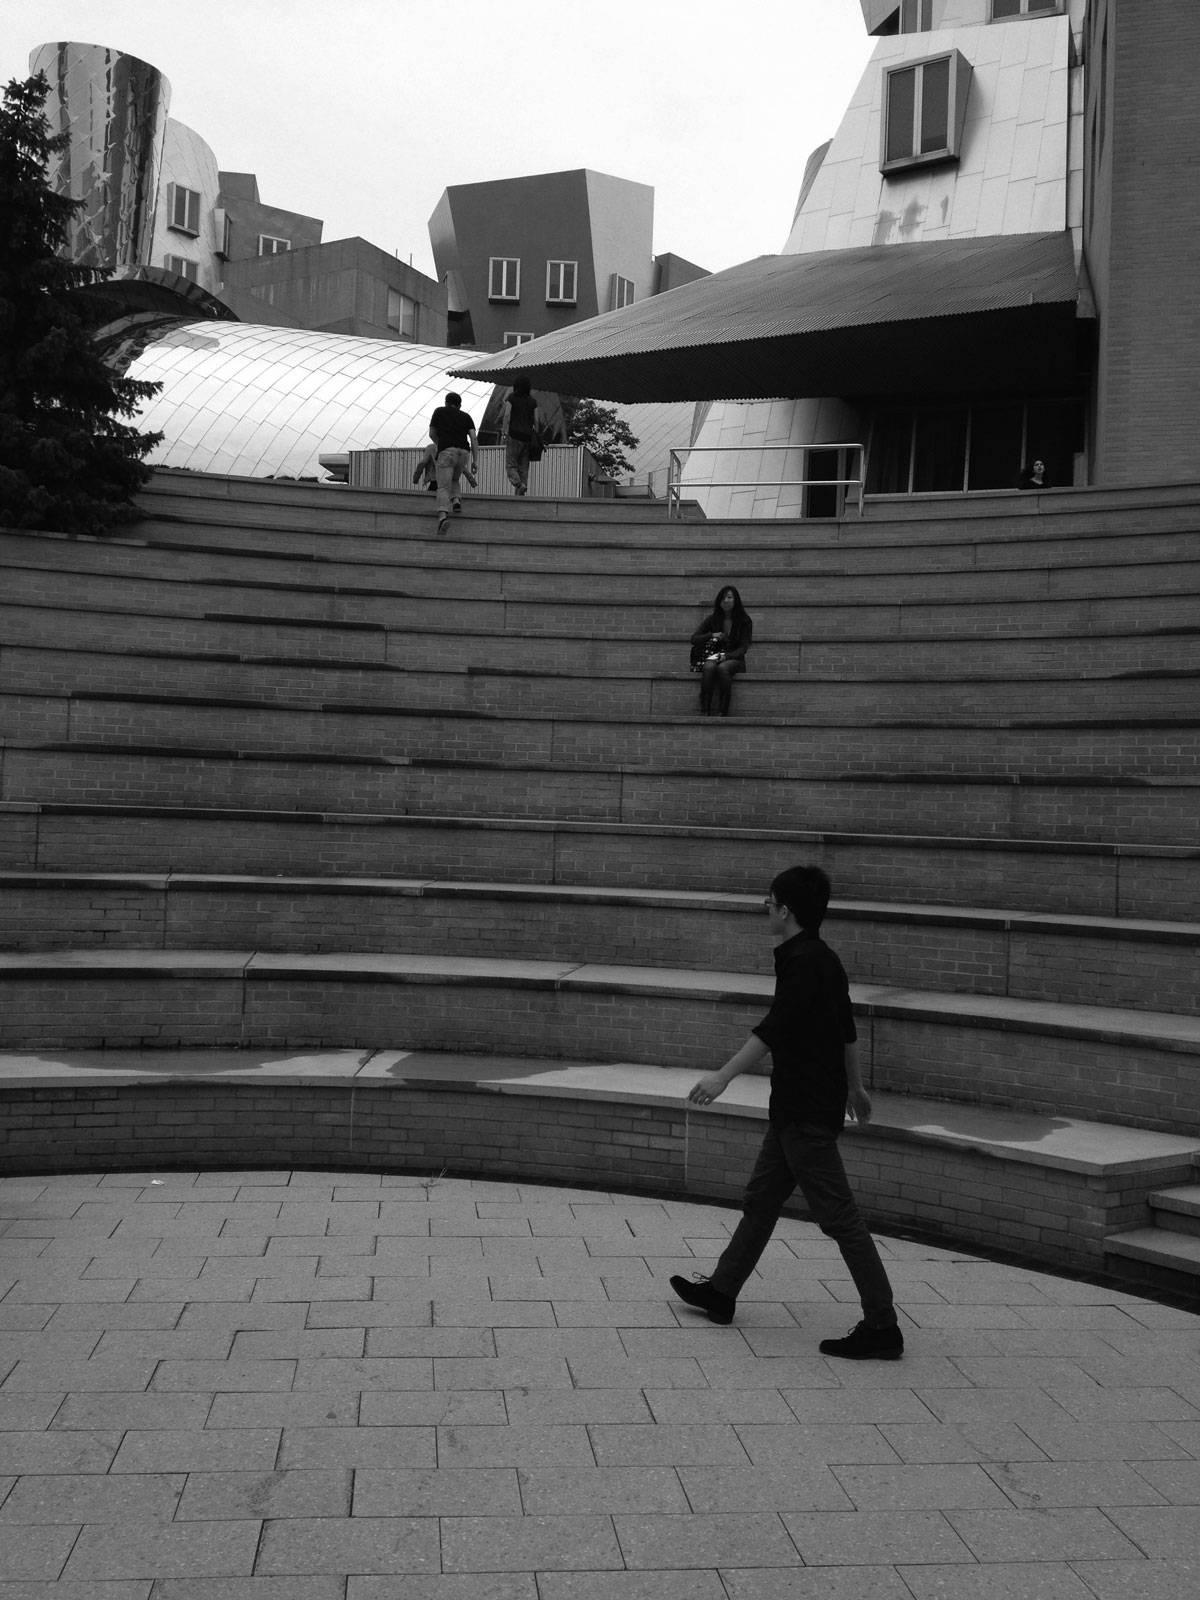 d4d-outside-steps